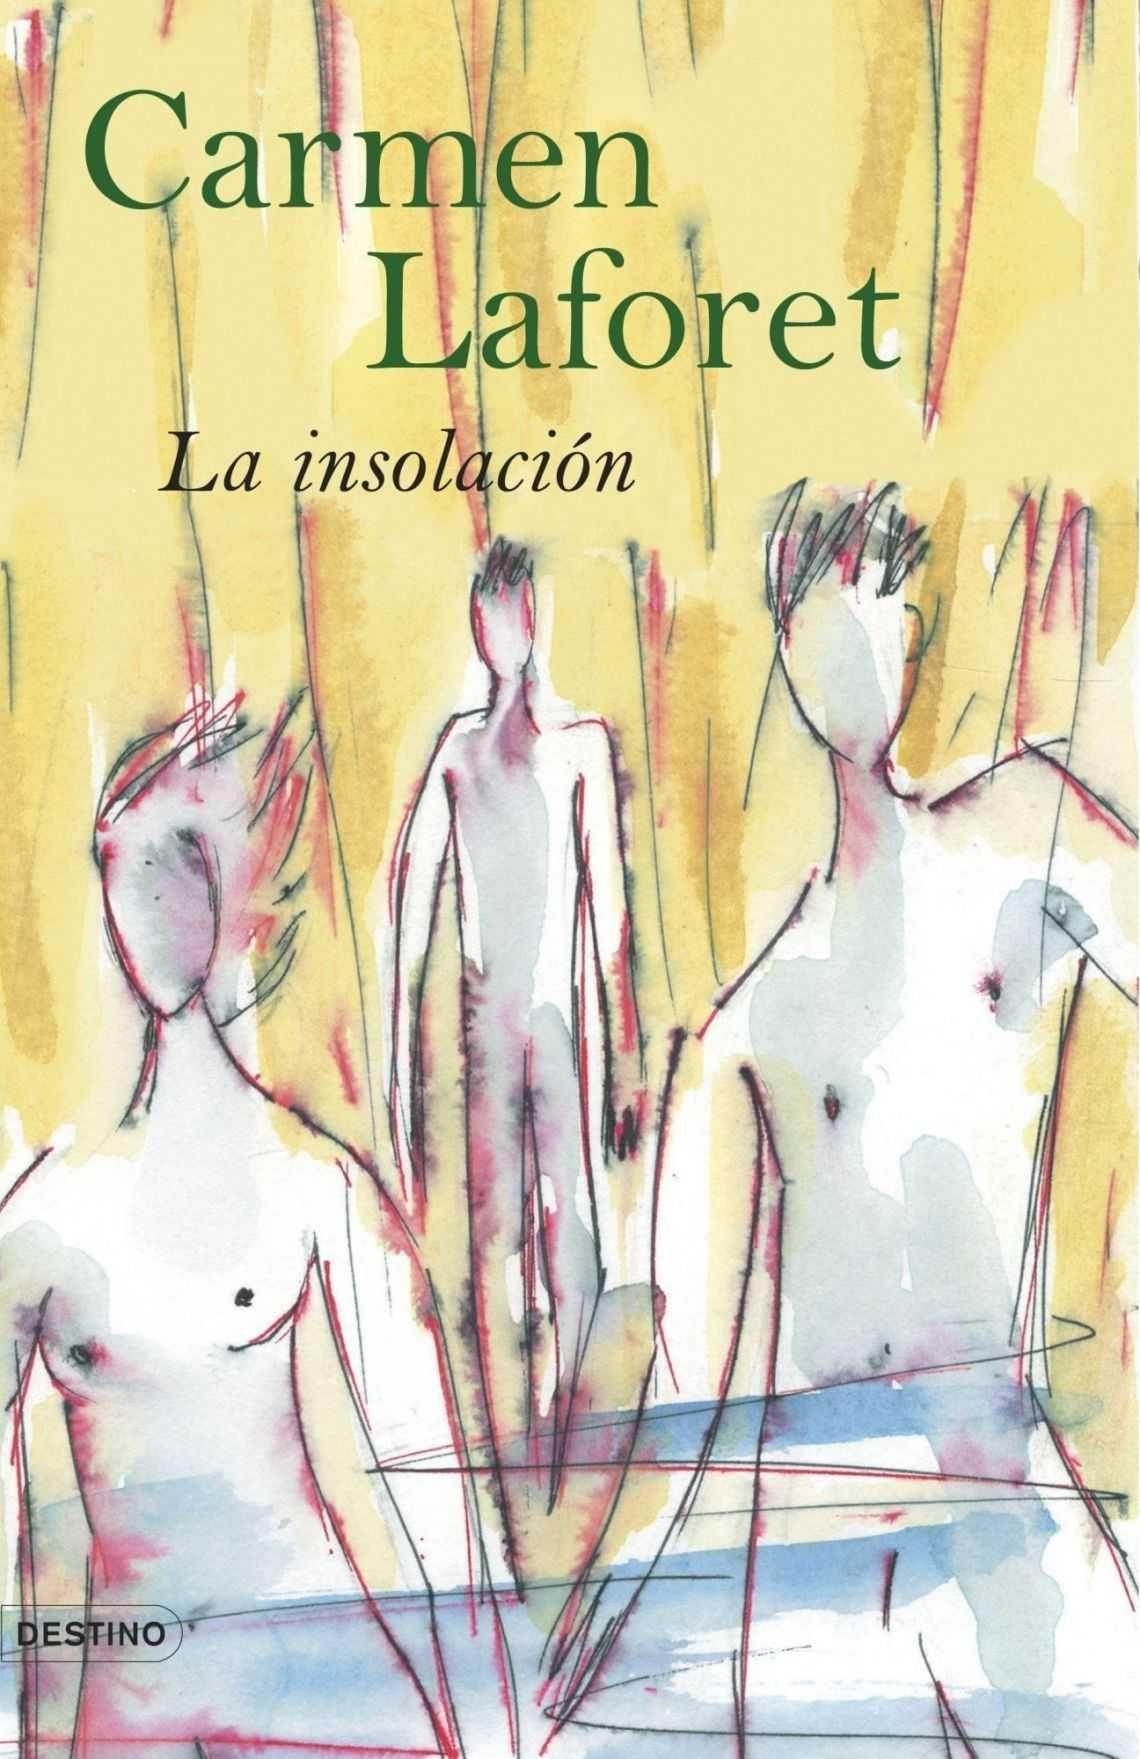 Hoy Carmen Laforet cumpliría 97 años_la_insolación